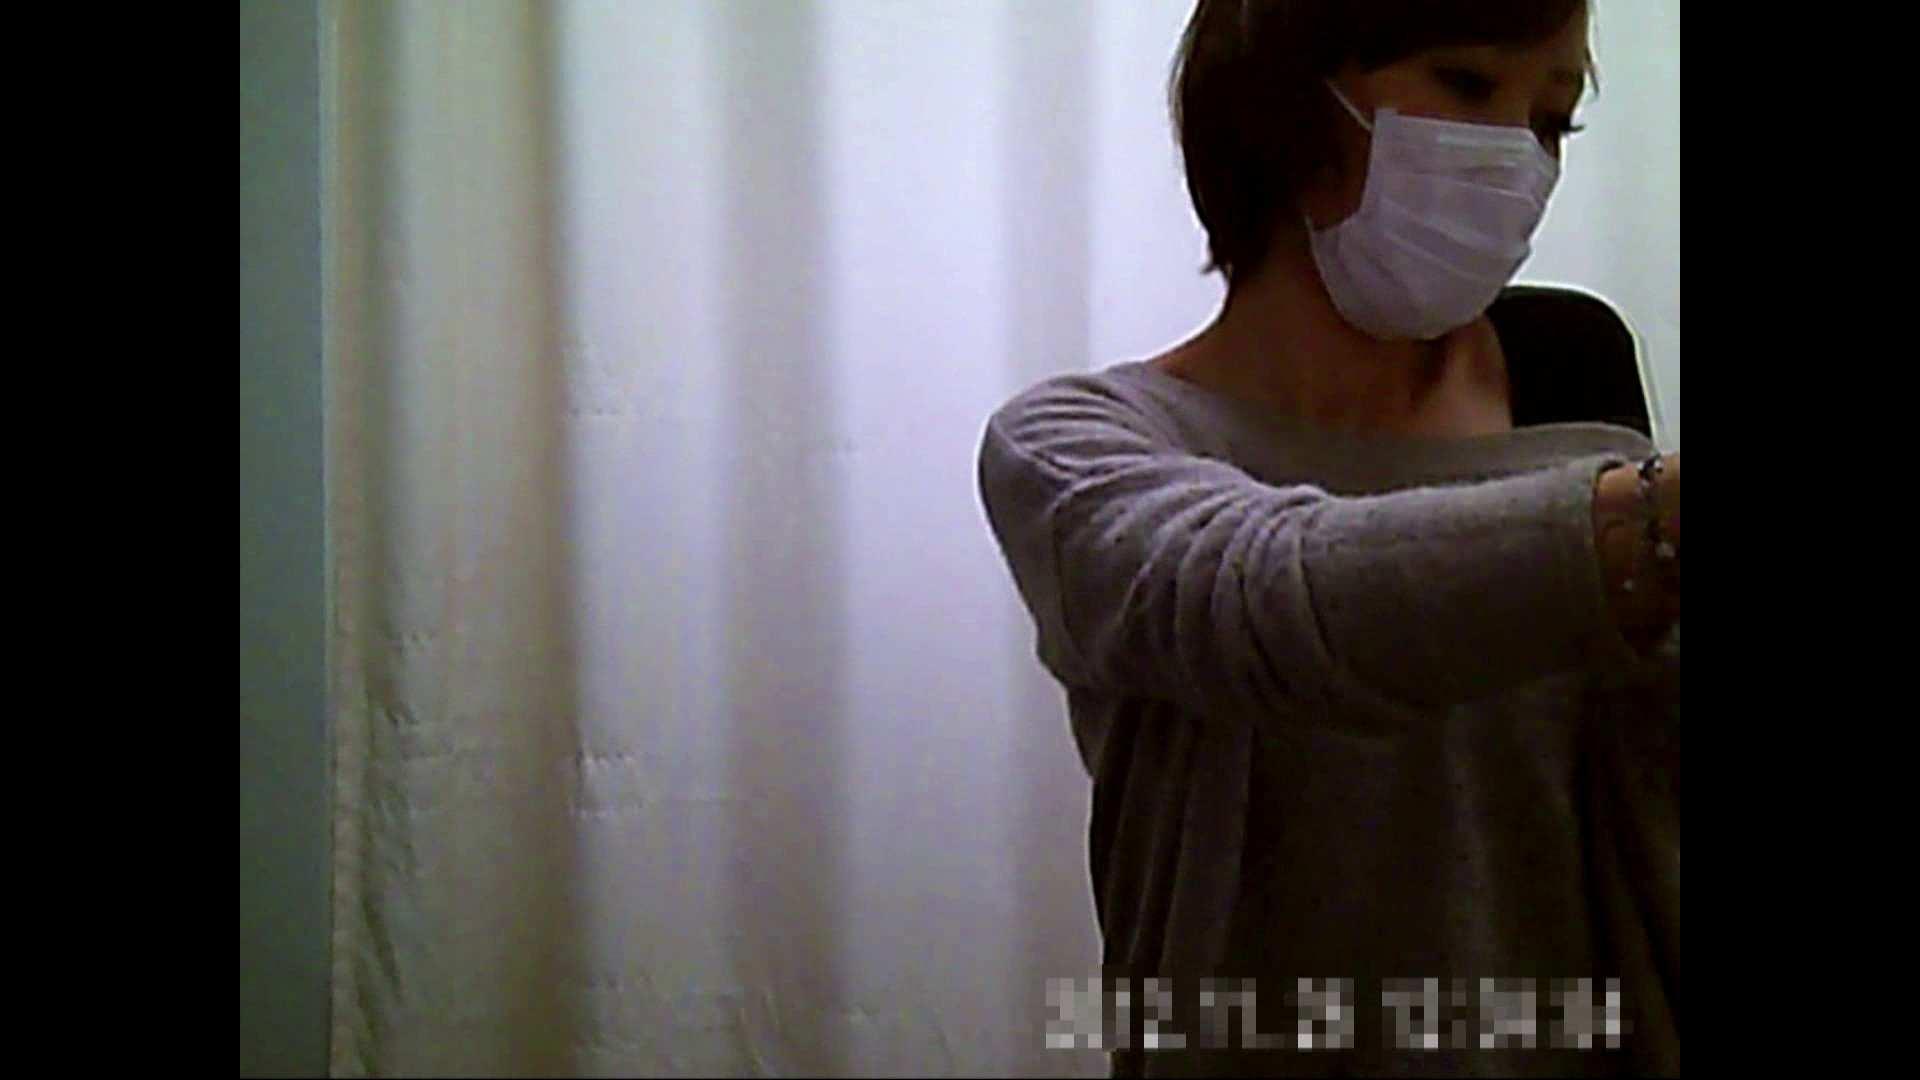 病院おもいっきり着替え! vol.159 巨乳 盗み撮りAV無料動画キャプチャ 106画像 54